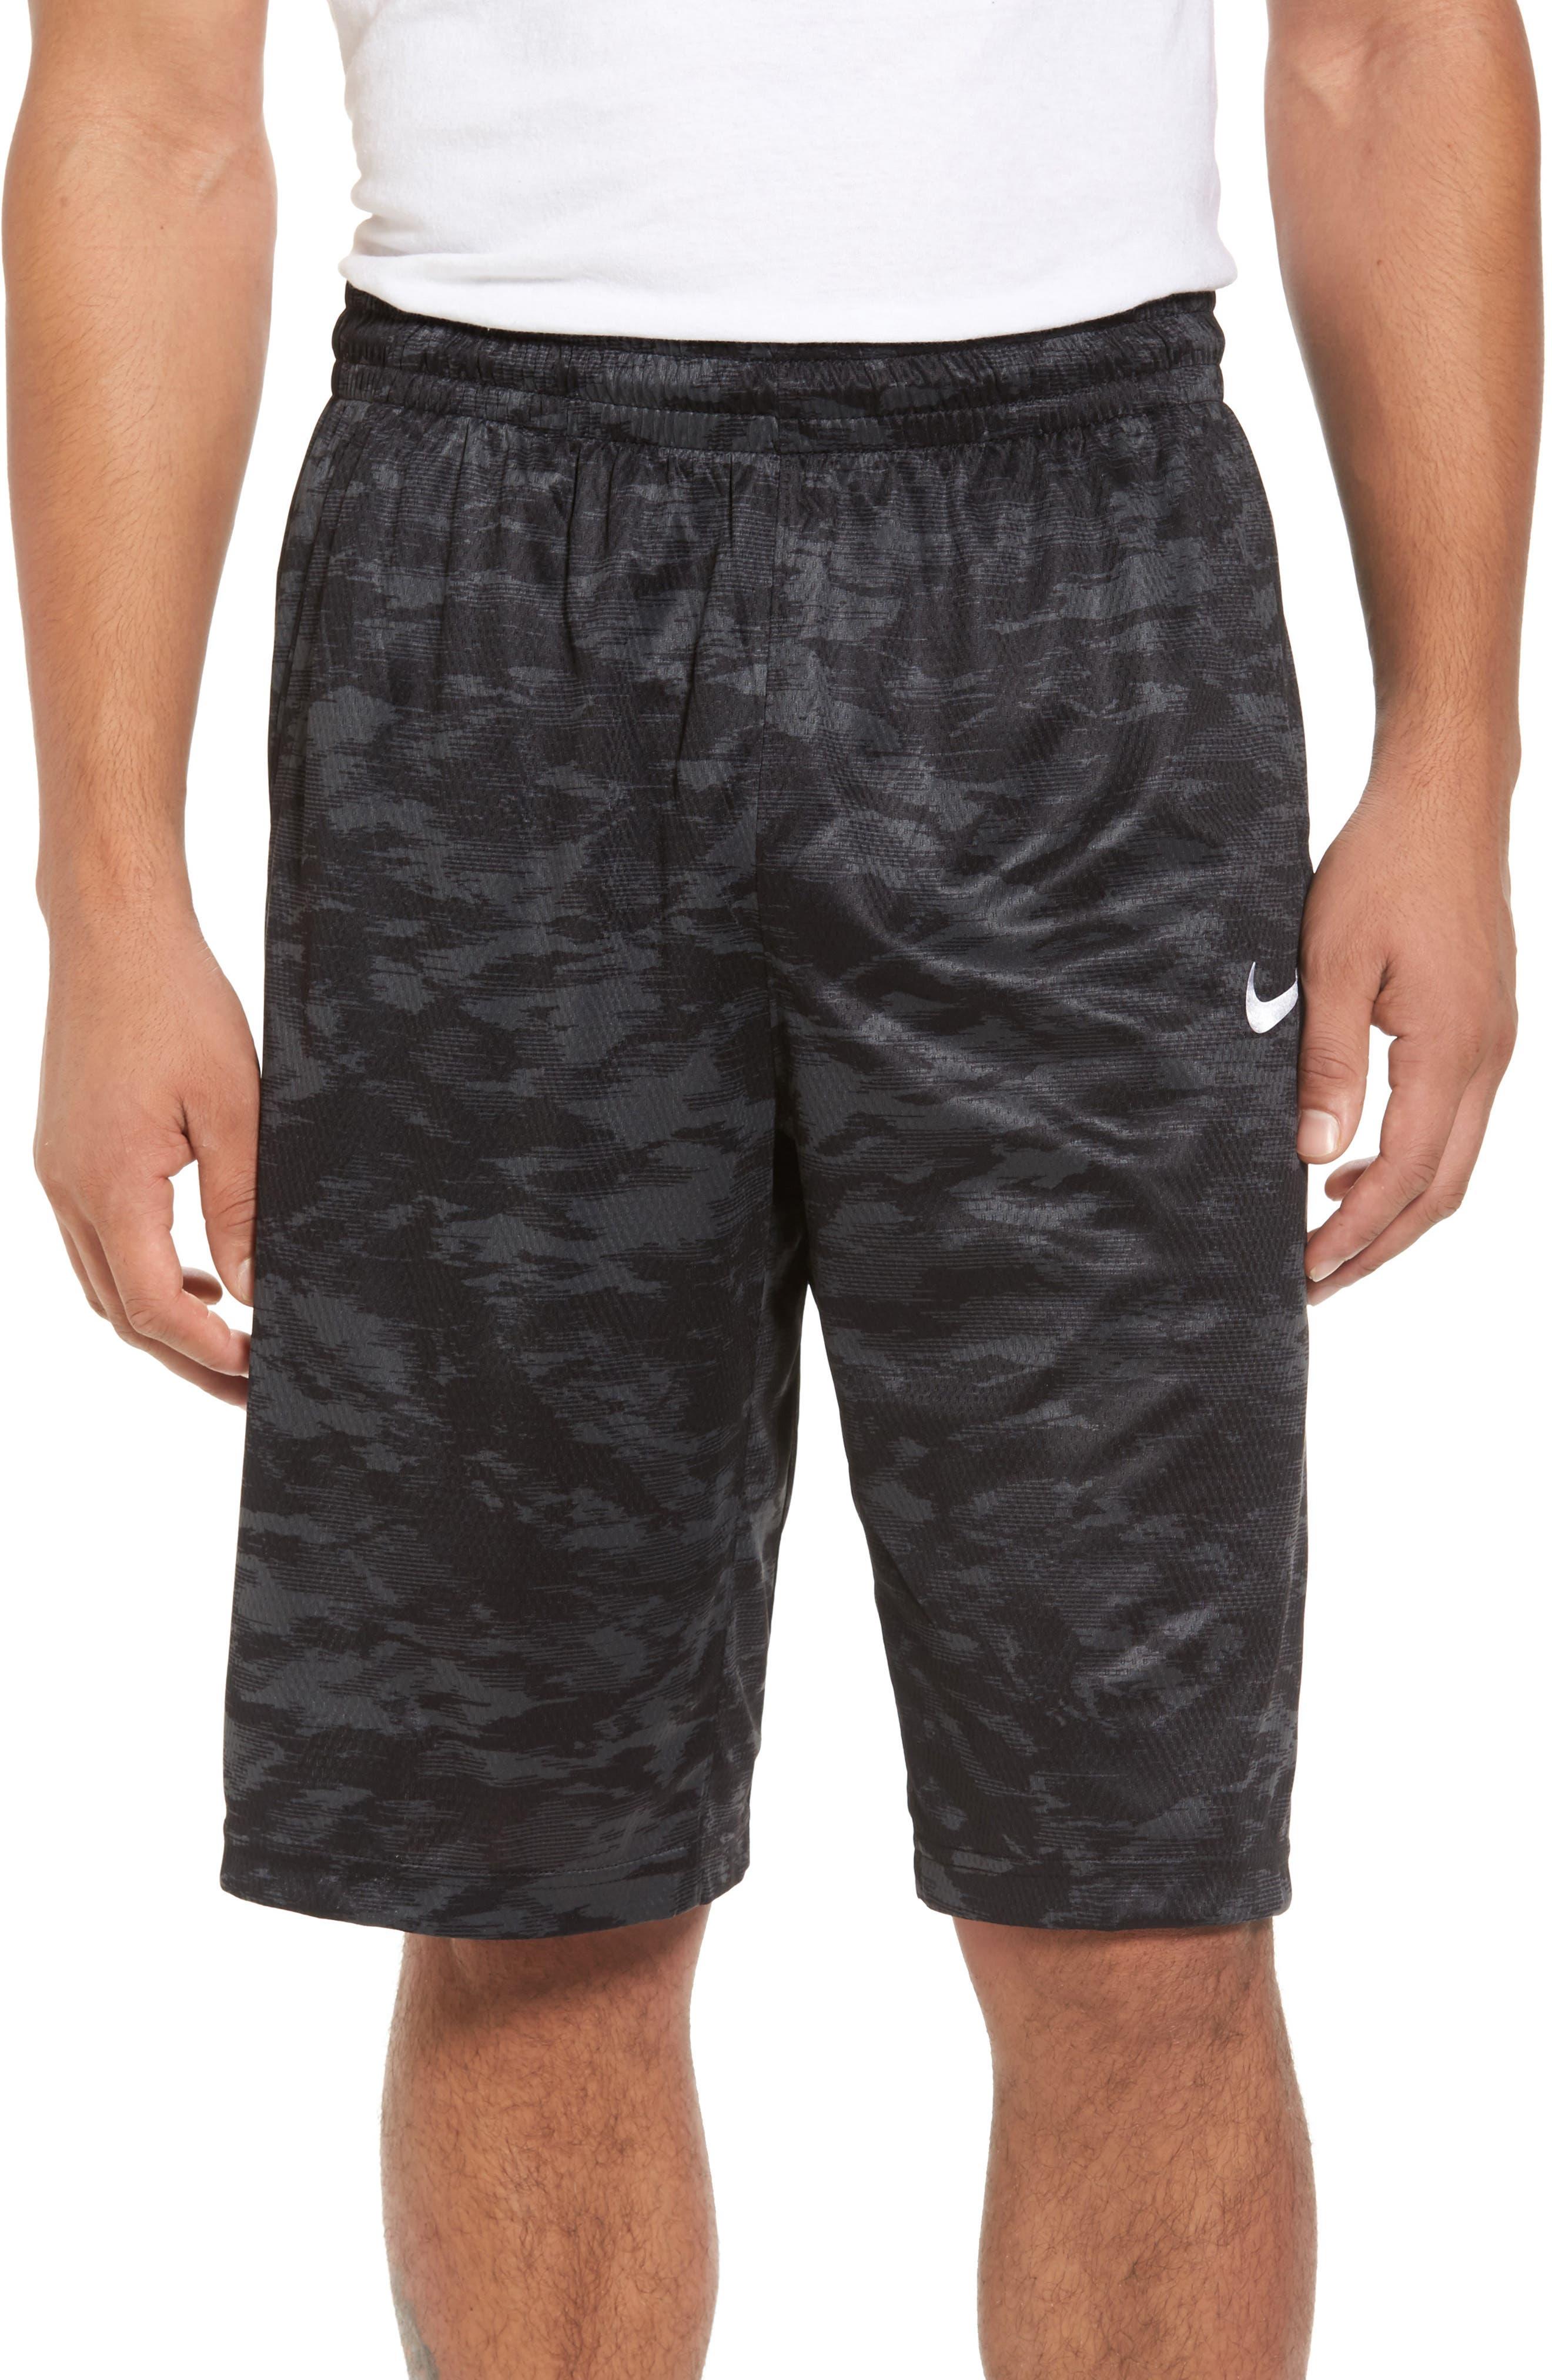 Dry Basketball Shorts,                             Main thumbnail 1, color,                             060